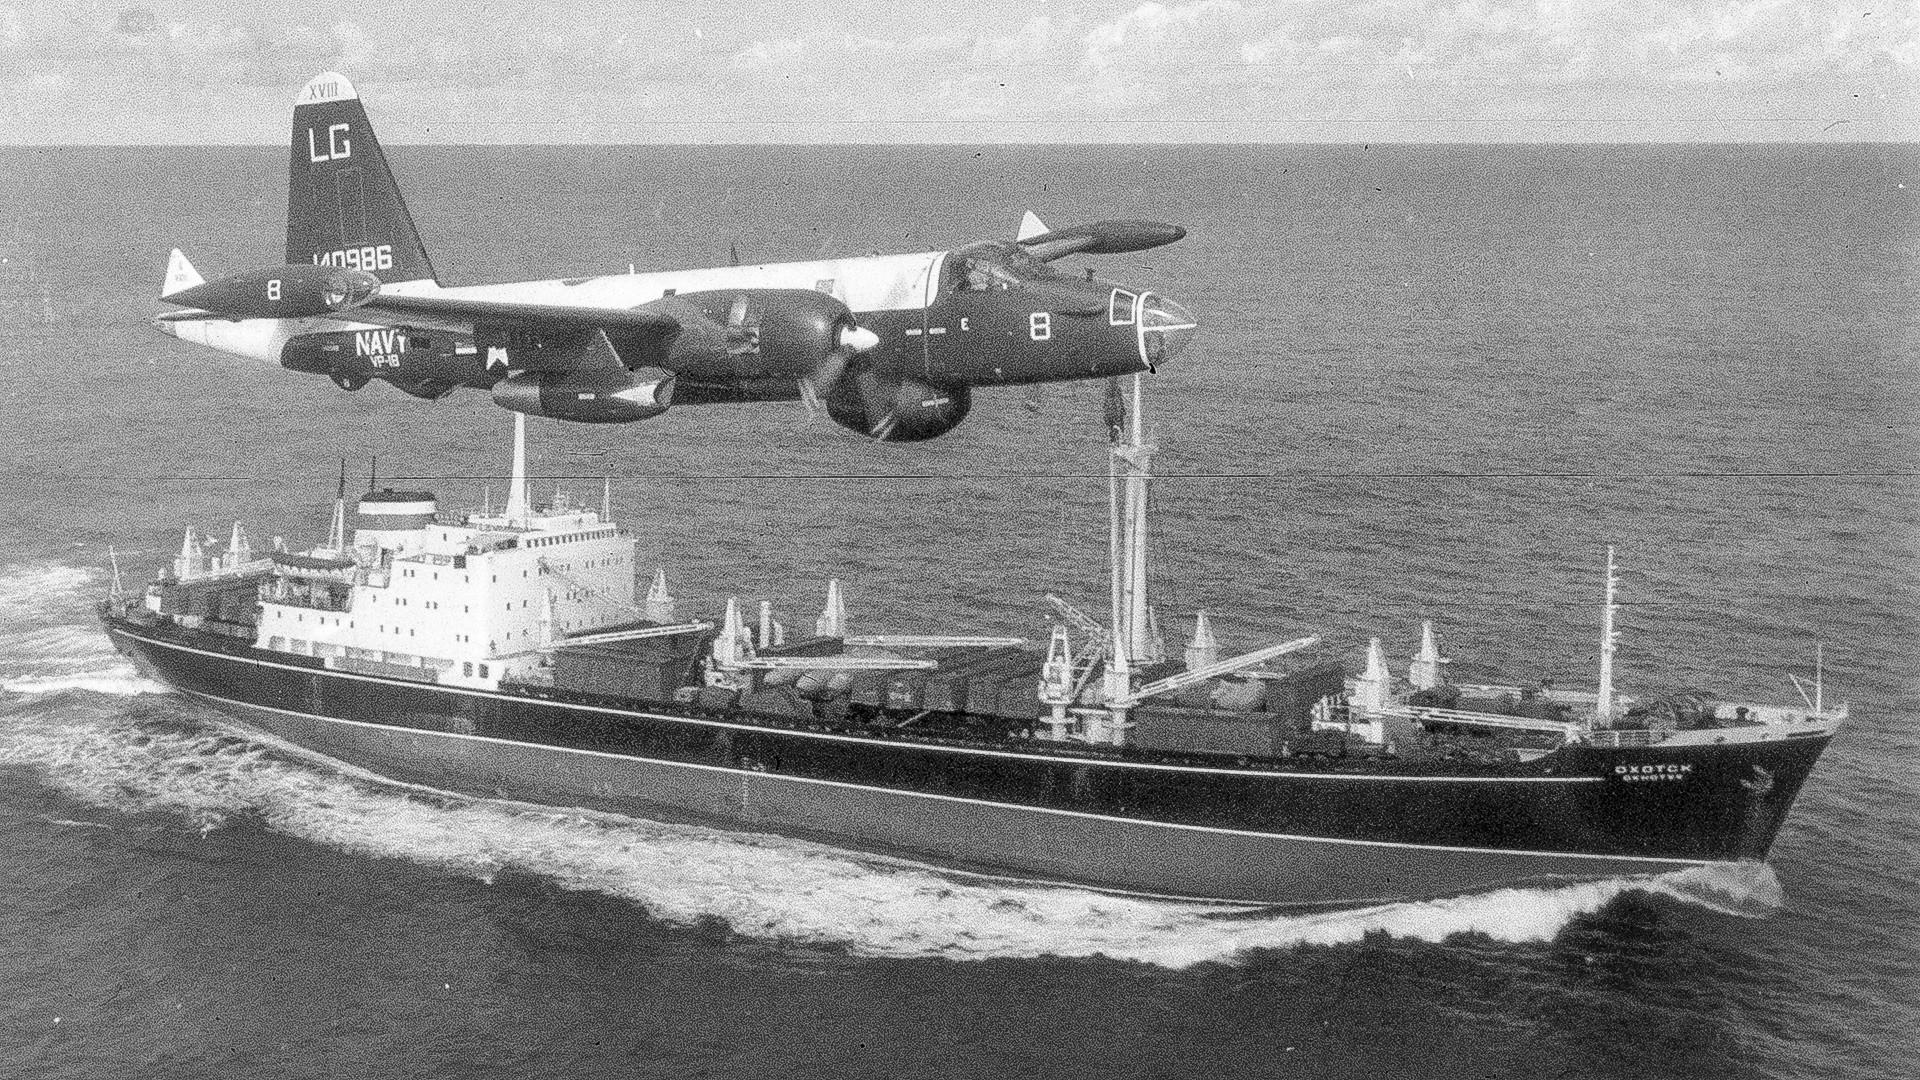 Avión patrullero de EE UU P2V Neptune vuela sobre el buque de carga soviético durante la crisis de los misiles en Cuba, 1962.